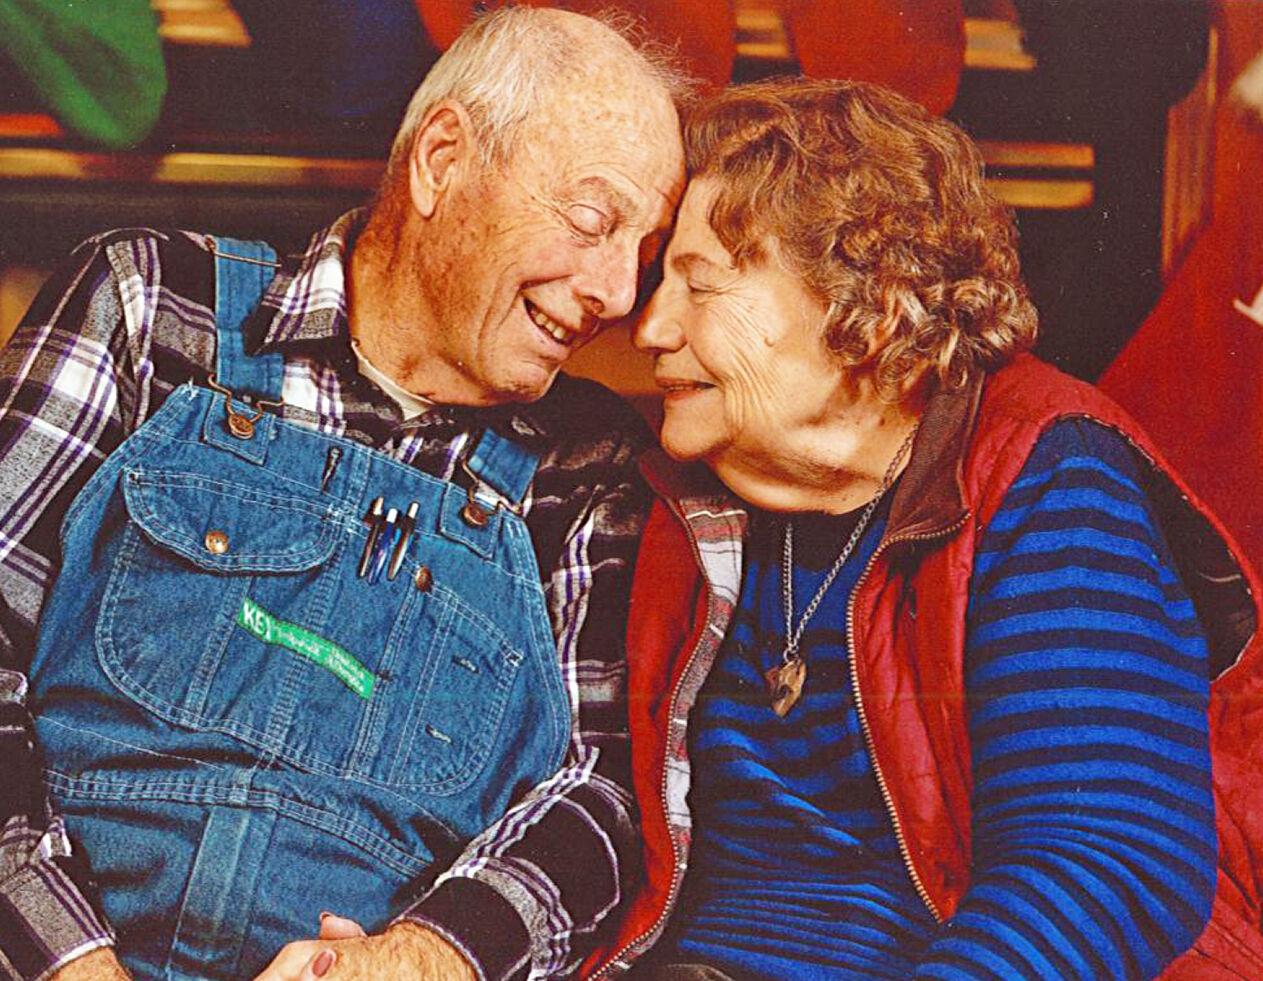 Seven decades of love